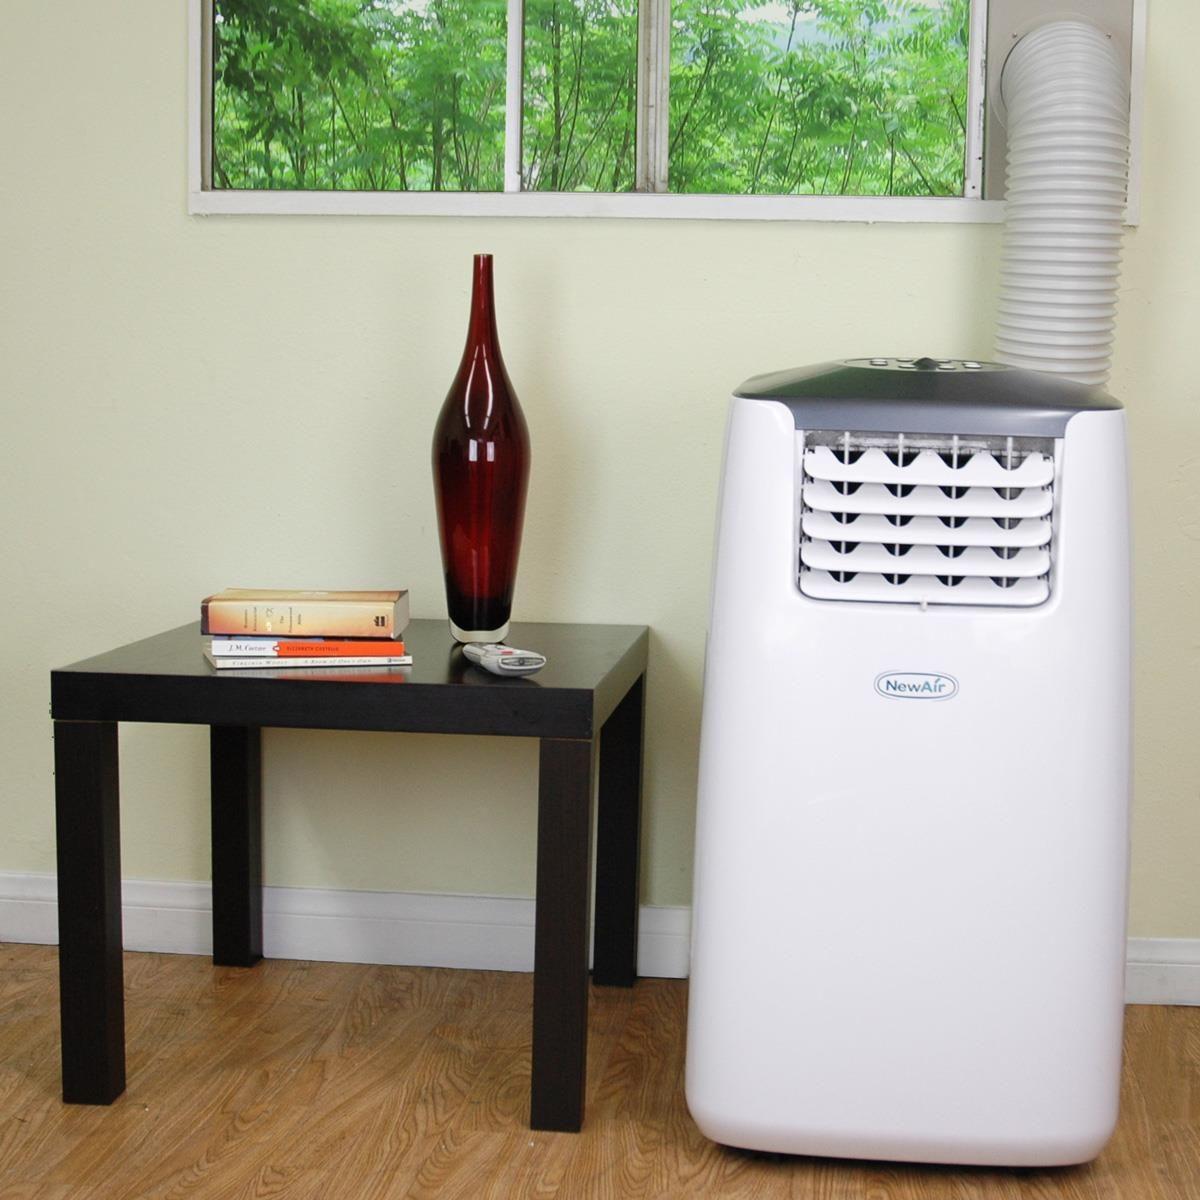 Newair Ac 14100e 14 000 Btu Portable Air Conditioner Portable Air Conditioner Portable Air Conditioners Window Air Conditioner #portable #air #conditioner #for #living #room